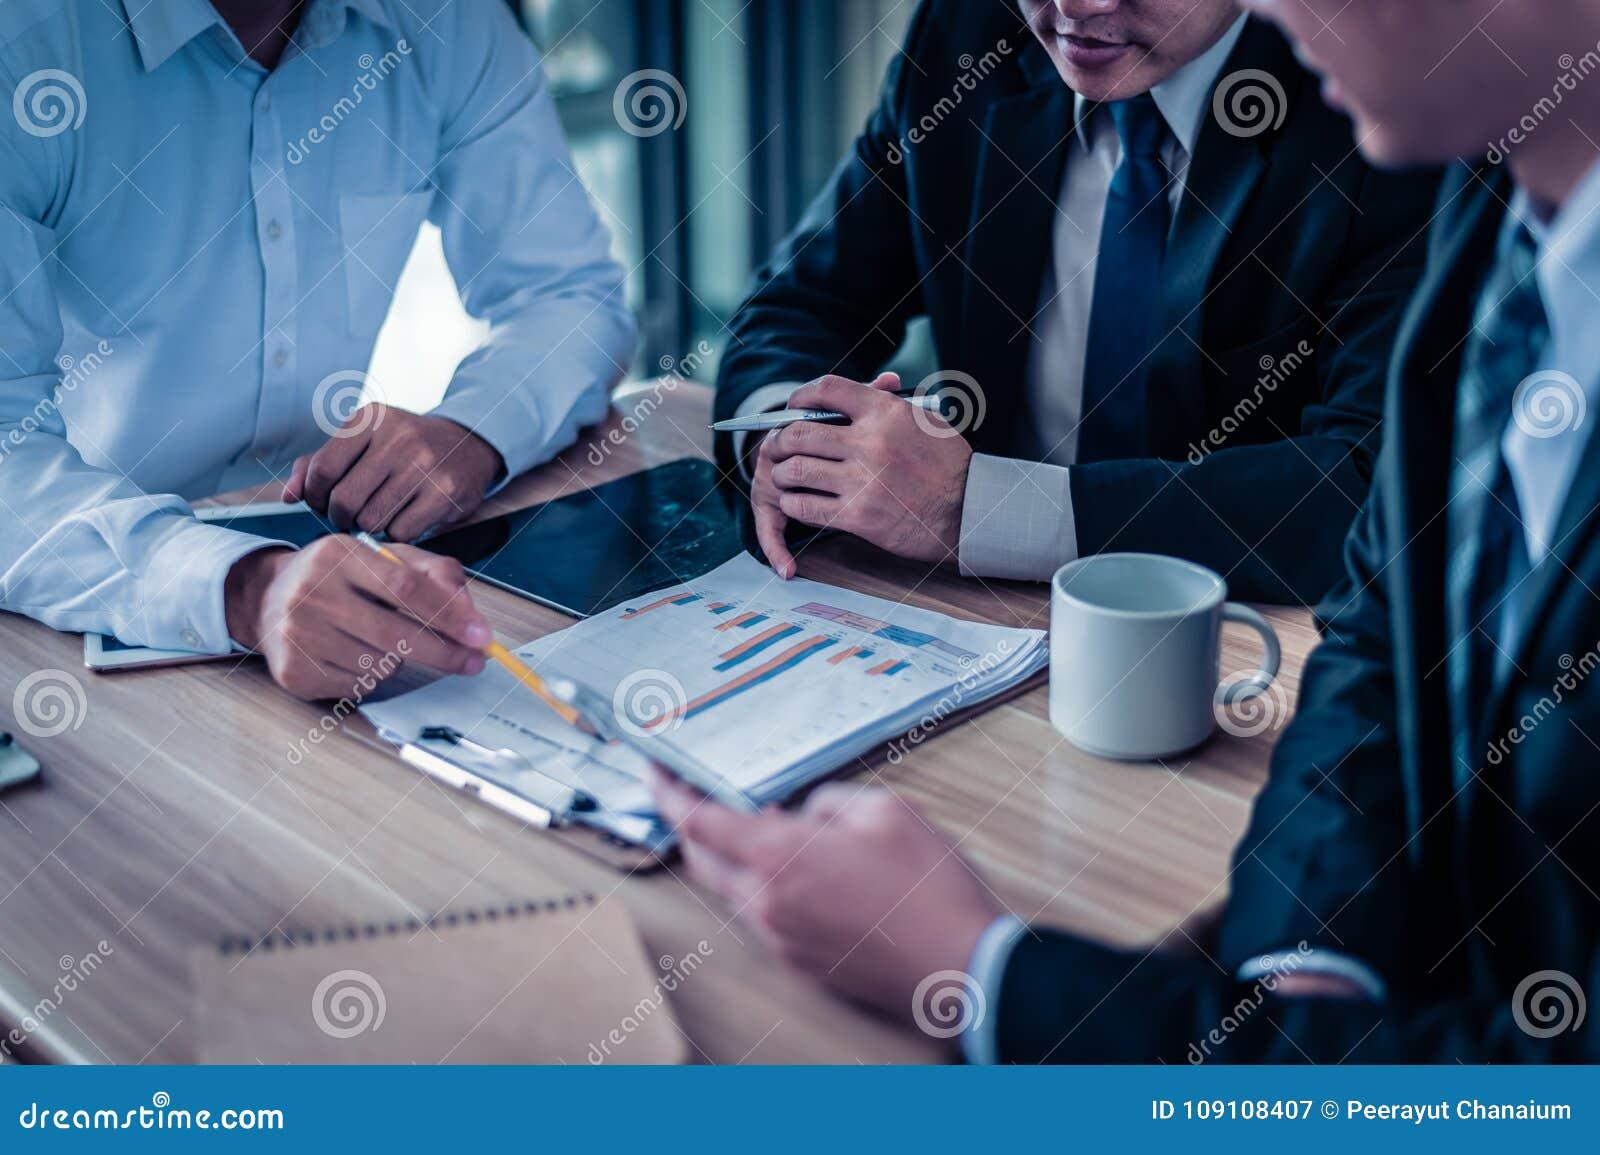 Επιχειρηματίας τρία που εξετάζει τη γραφική παράσταση στο έγγραφο και τη συζήτηση για το επιχειρηματικό σχέδιο, που εμπορεύεται κ